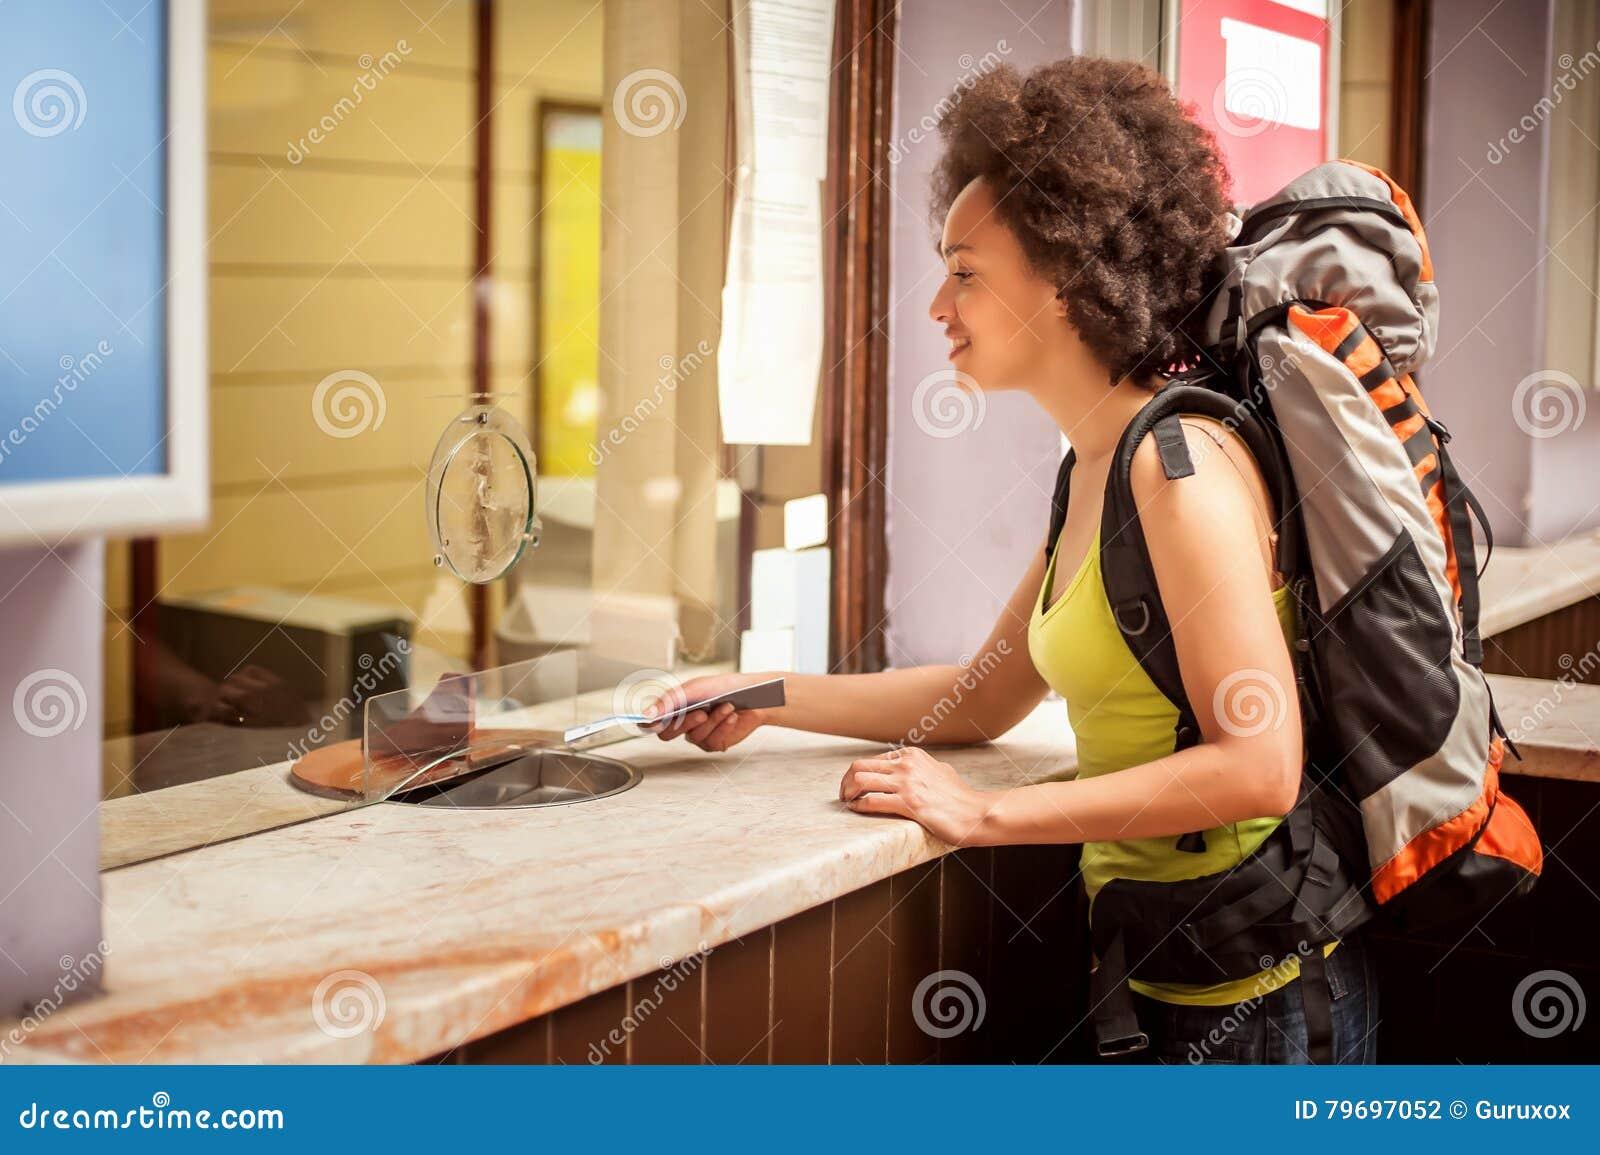 Женский турист покупает билет на кассе конечной станции